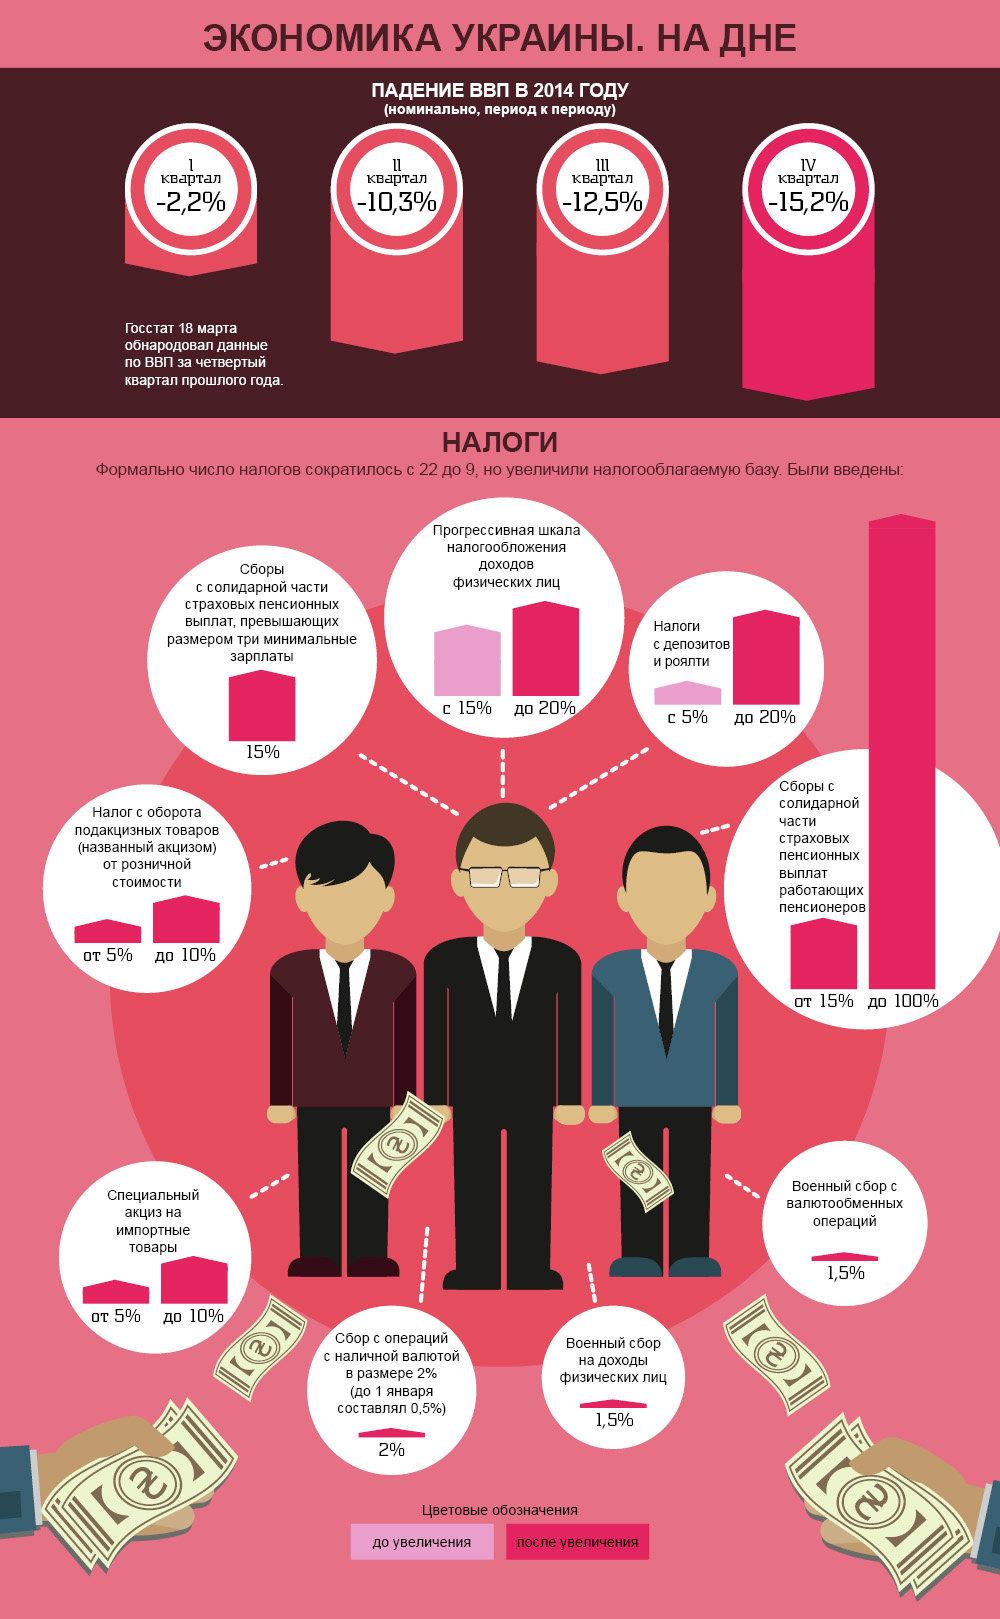 Экономика Украины. На дне. Инфографика